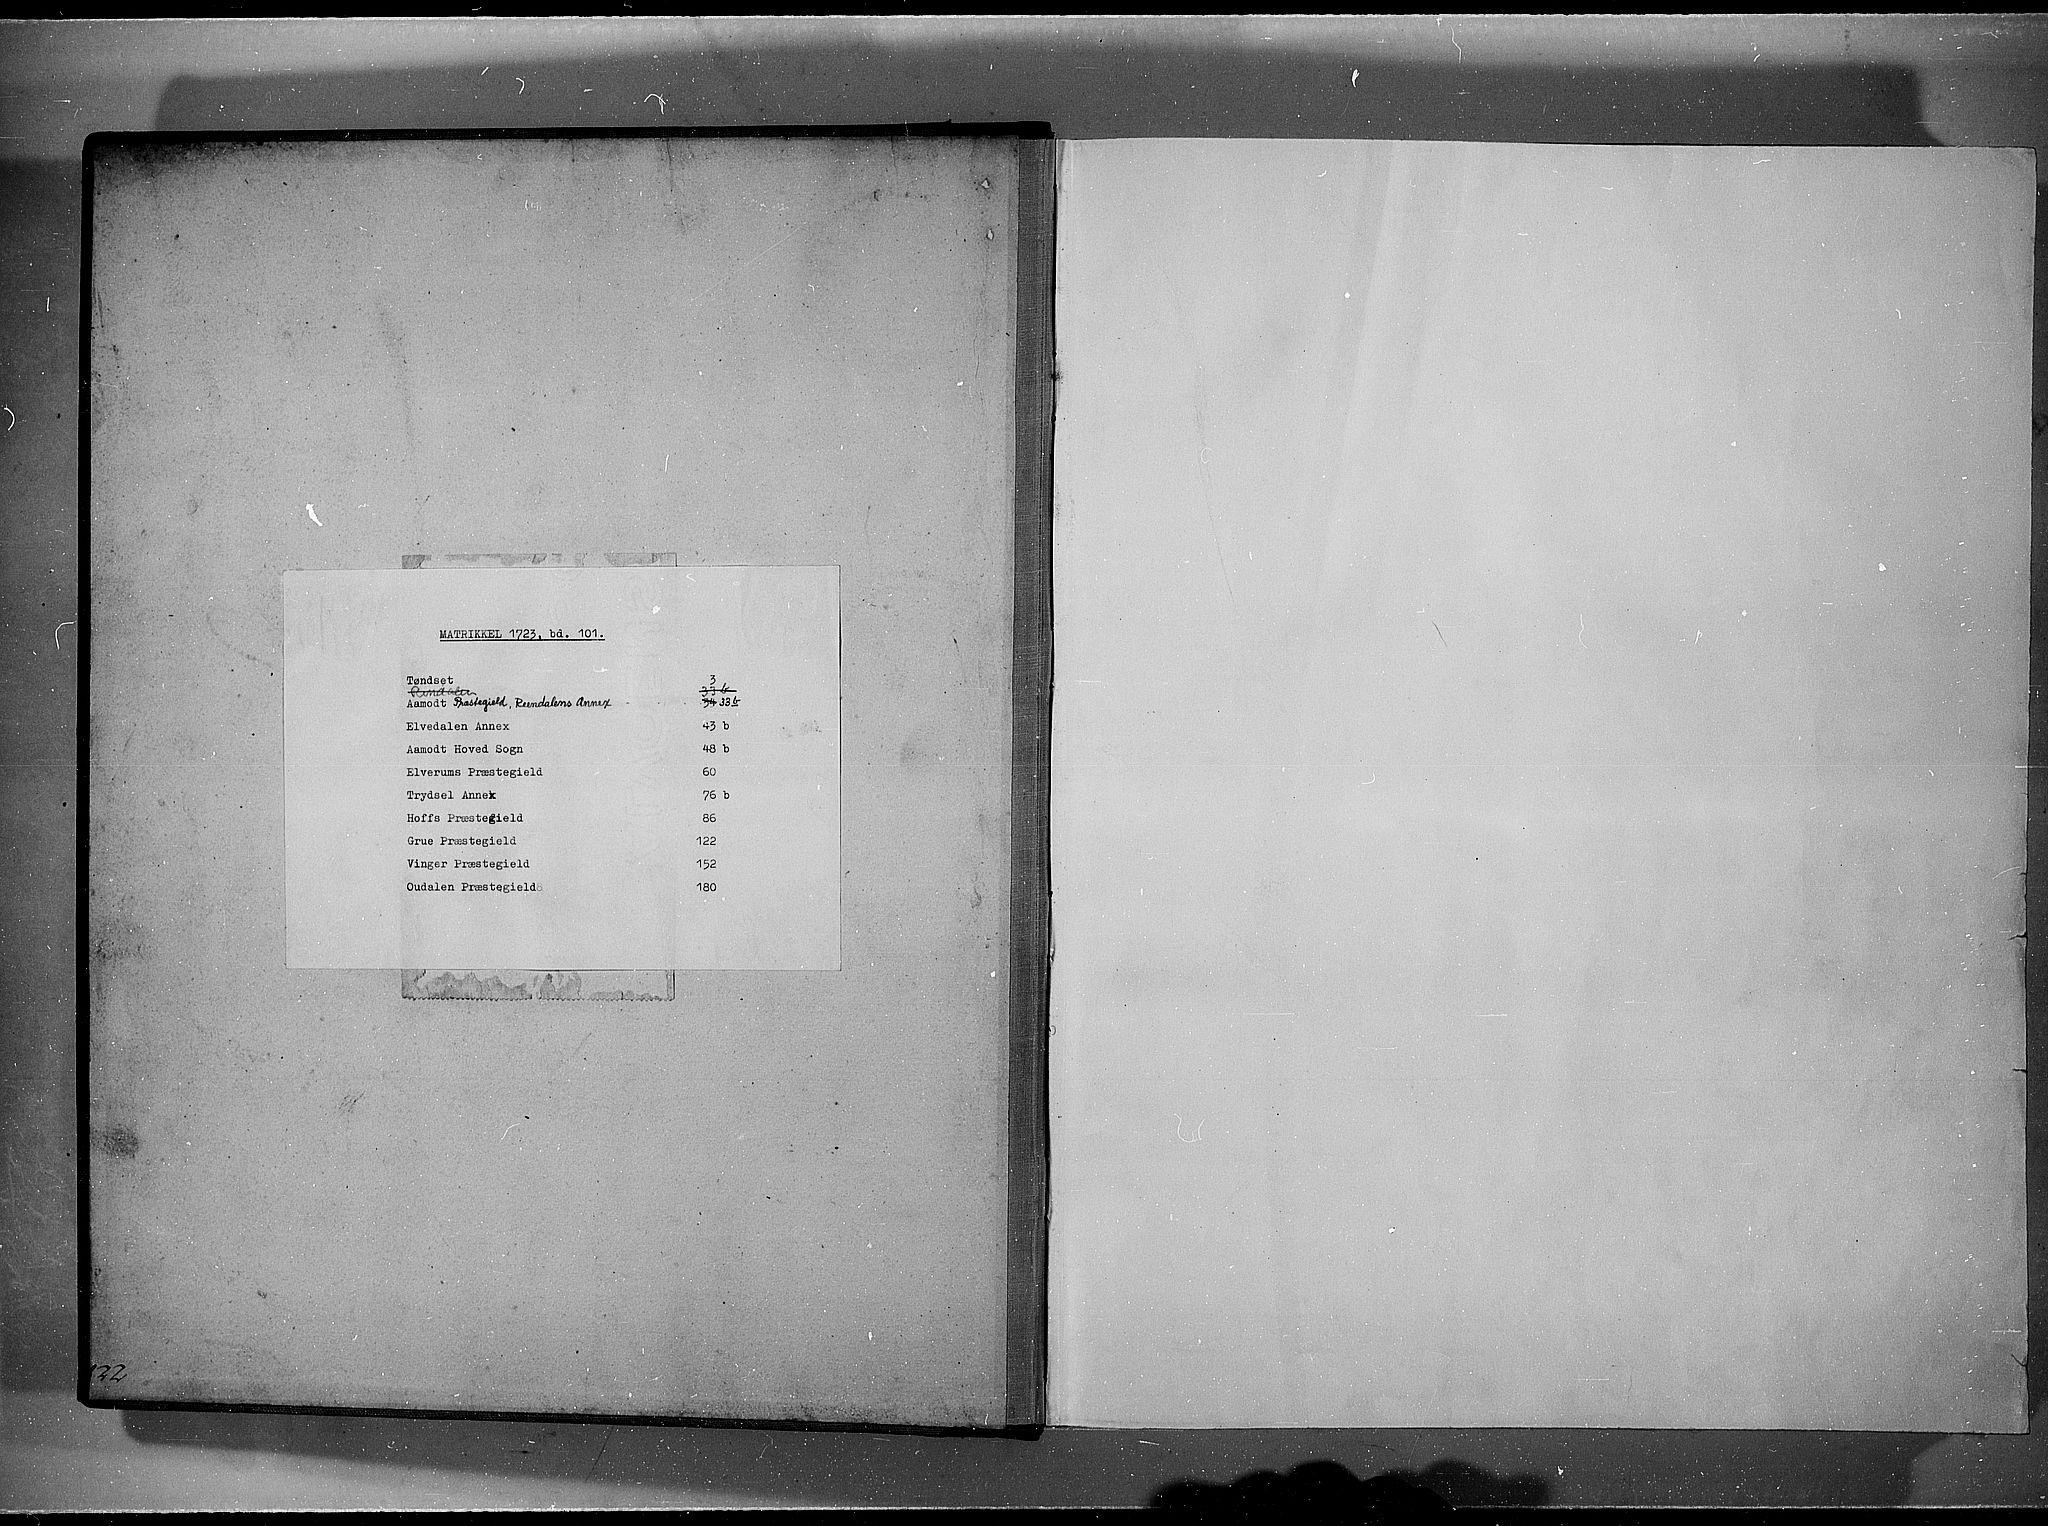 RA, Rentekammeret inntil 1814, Realistisk ordnet avdeling, N/Nb/Nbf/L0101: Solør, Østerdalen og Odal eksaminasjonsprotokoll, 1723, s. upaginert